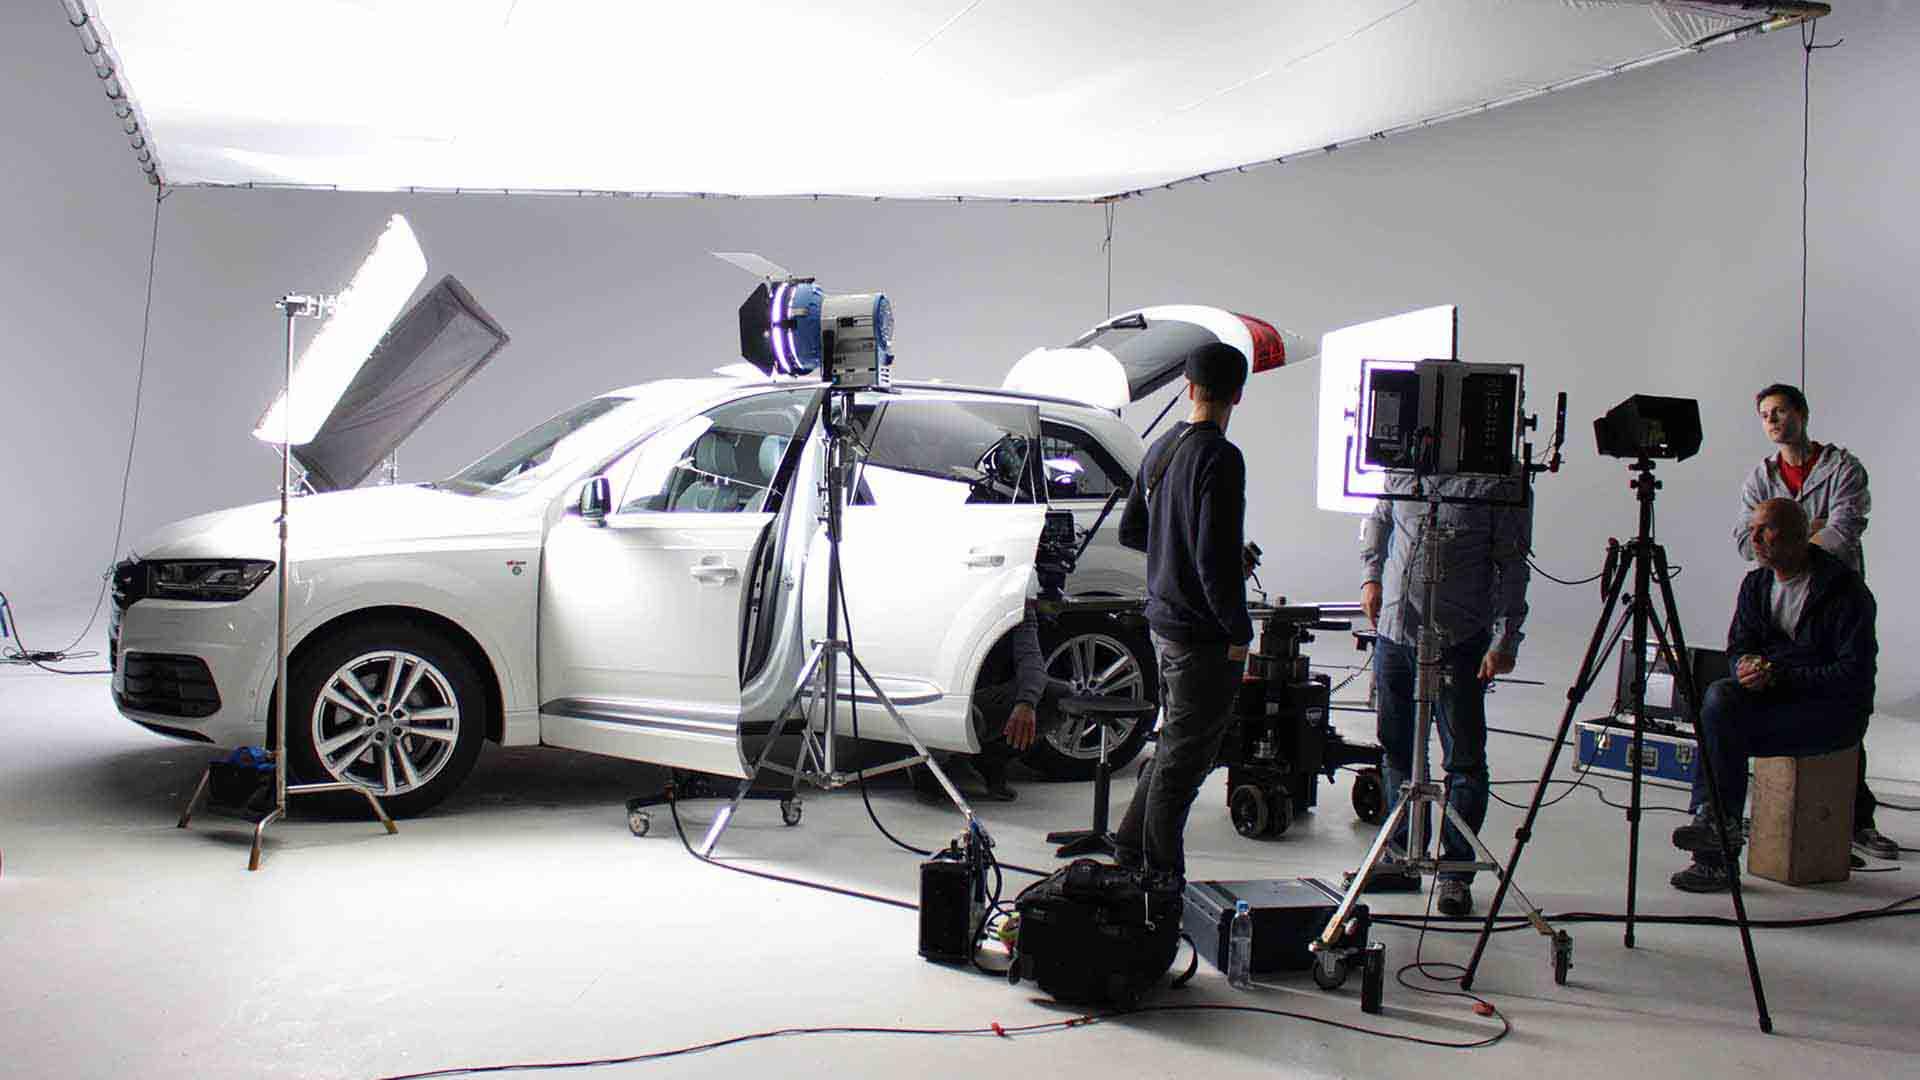 Das Bild zeigt ein weißes Auto. Es steht in einem Raum, welcher als Filmset verwendet wird. Das Auto wird von Kameras gefilmt und von Lichtern beleuchtet. Dieses ganze Equipment steht rechts. Dabei stehen noch einige Menschen. Das Bild dient als Sliderbild für den Portfolioeintrag RECARO Child Safety – Einbaufilme von Panda Pictures.